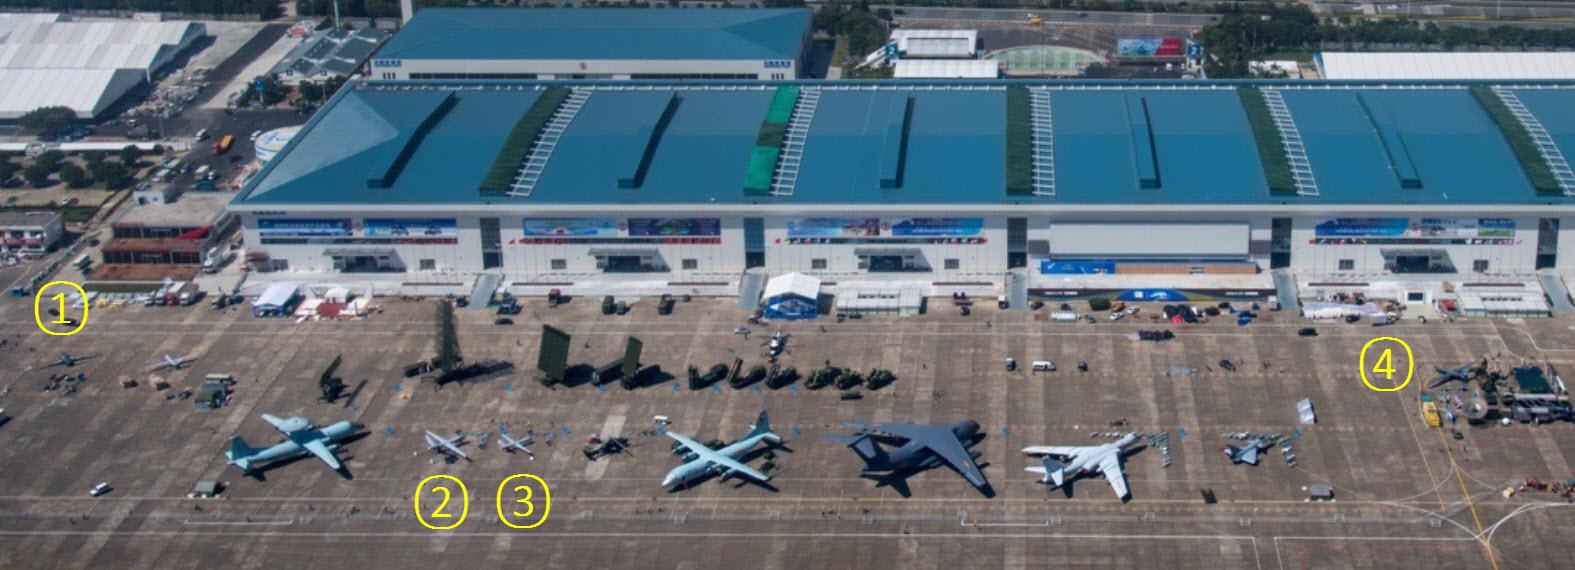 Une vue aérienne du site de l'Airshow China 2016 (Source : 罗韬1515)